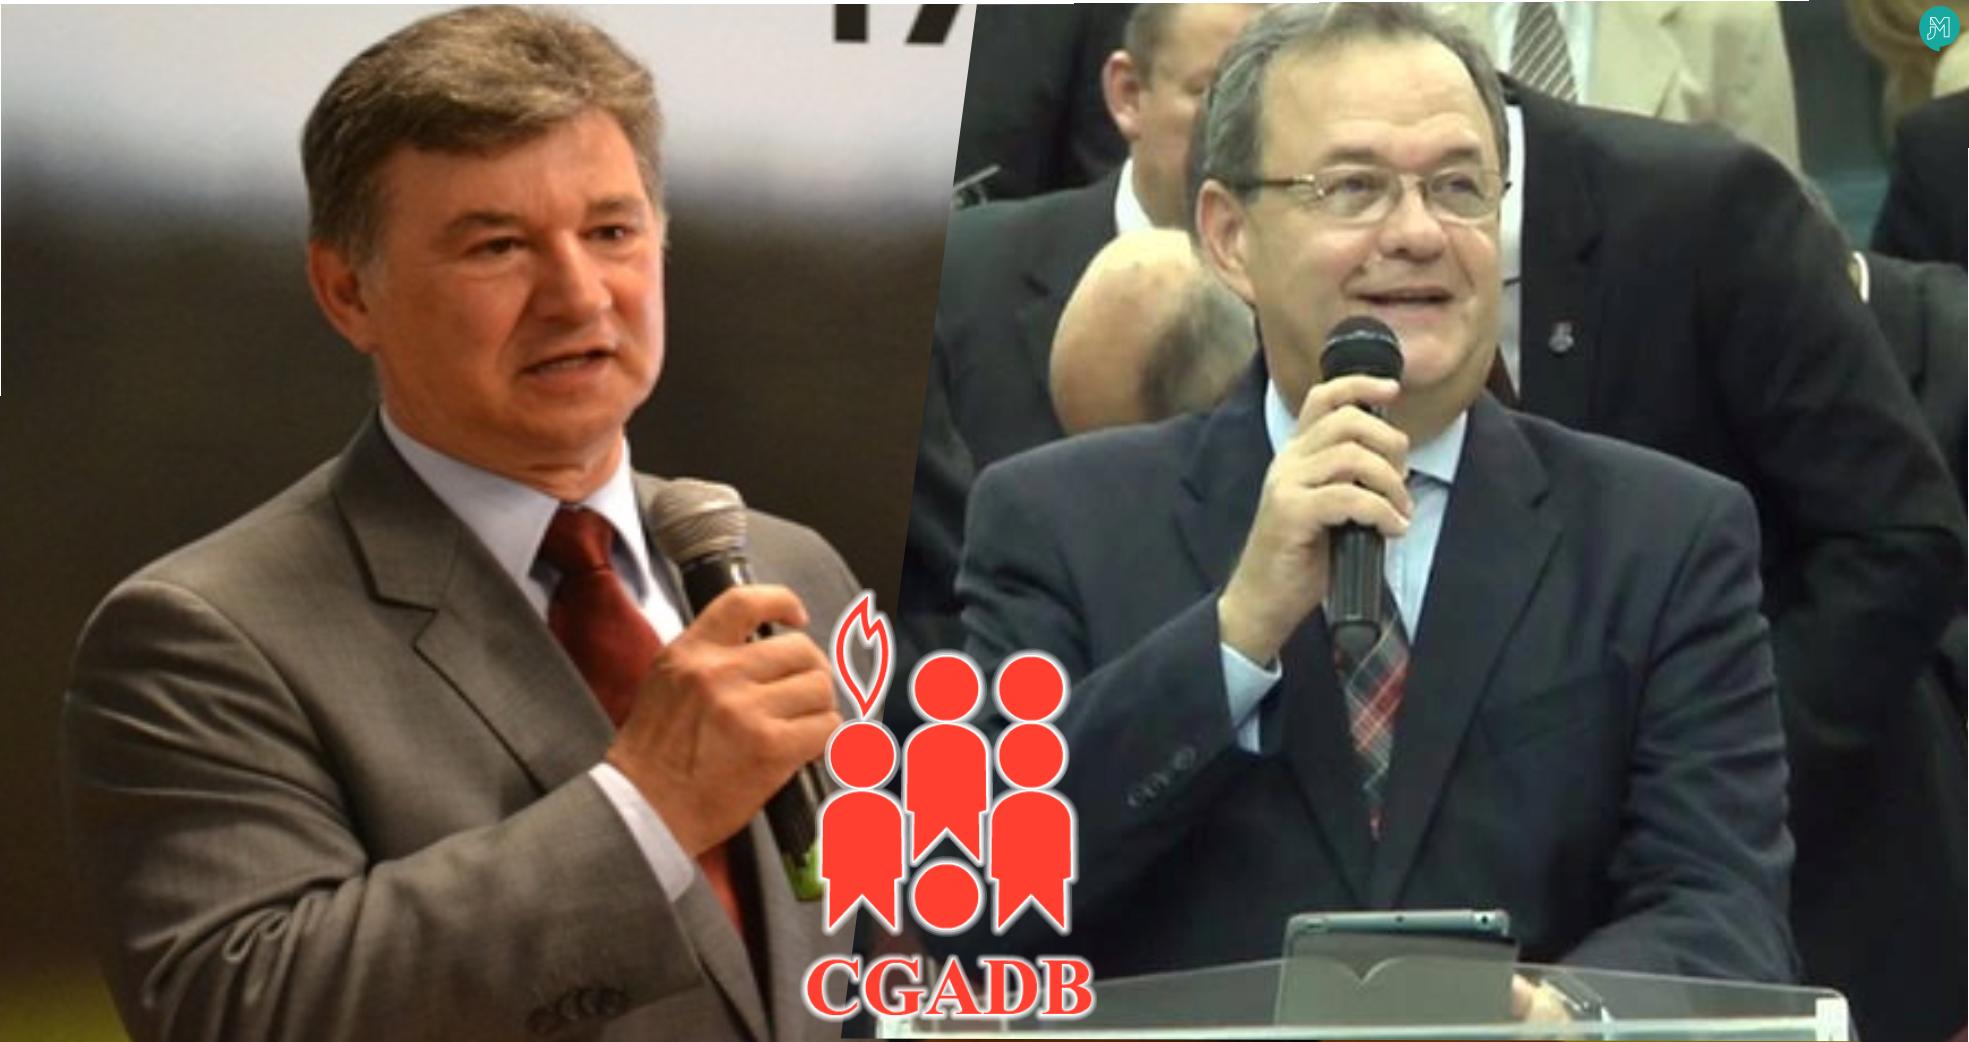 Pastores José Wellington Junior e Samuel Câmara, atuais pré-candidatos à presidência da CGADB